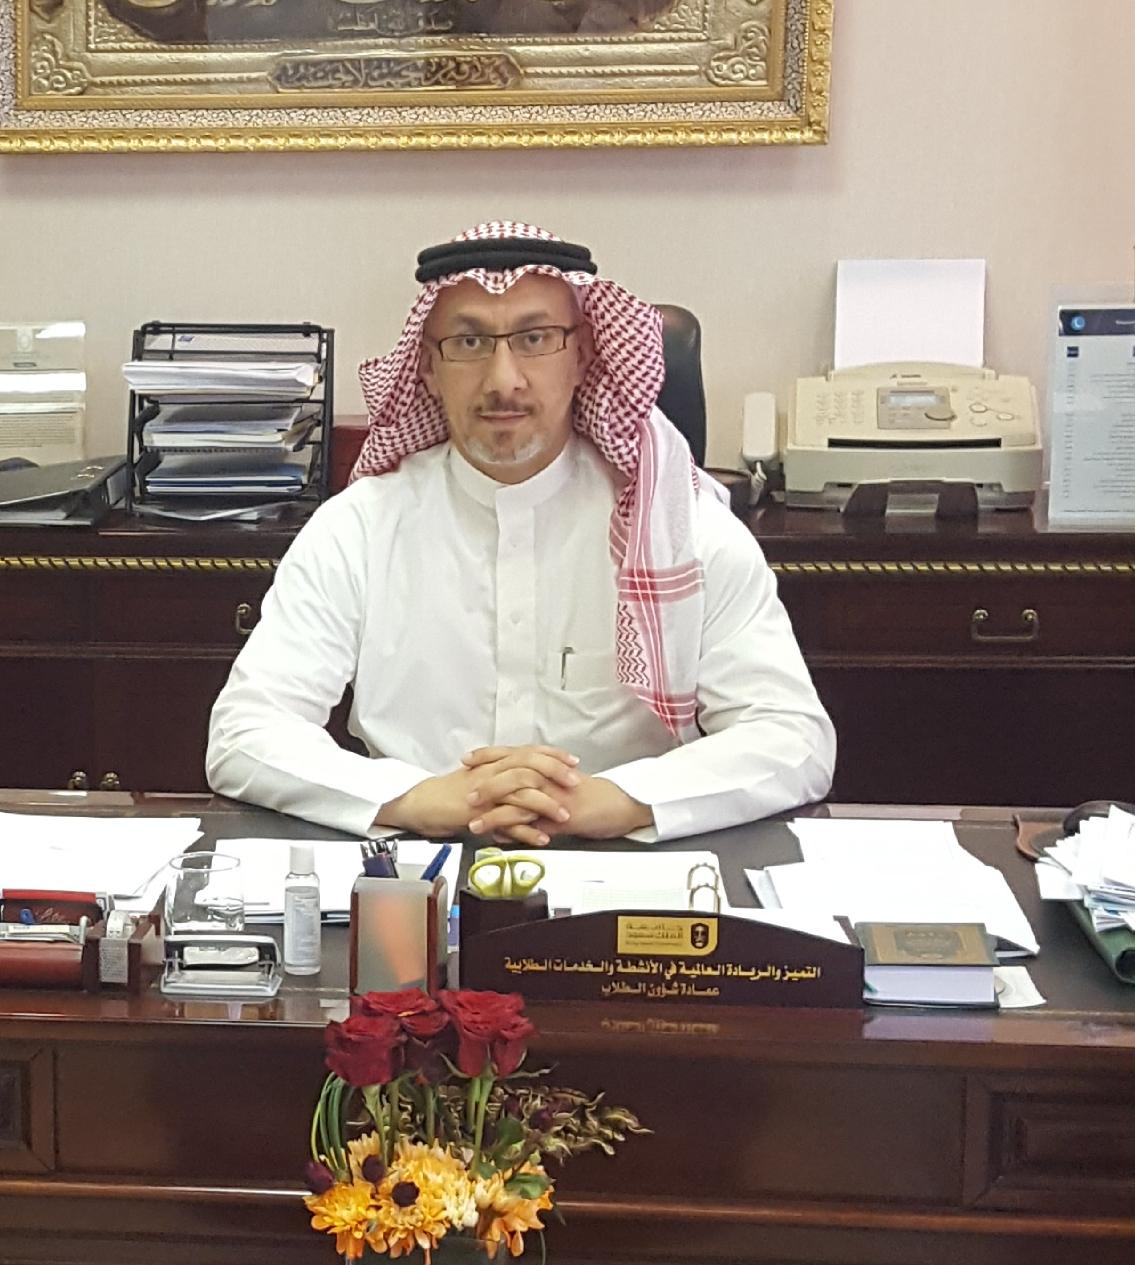 حمود الغامدي مديراً لمكتب وكيل الجامعة للتخطيط والتطوير